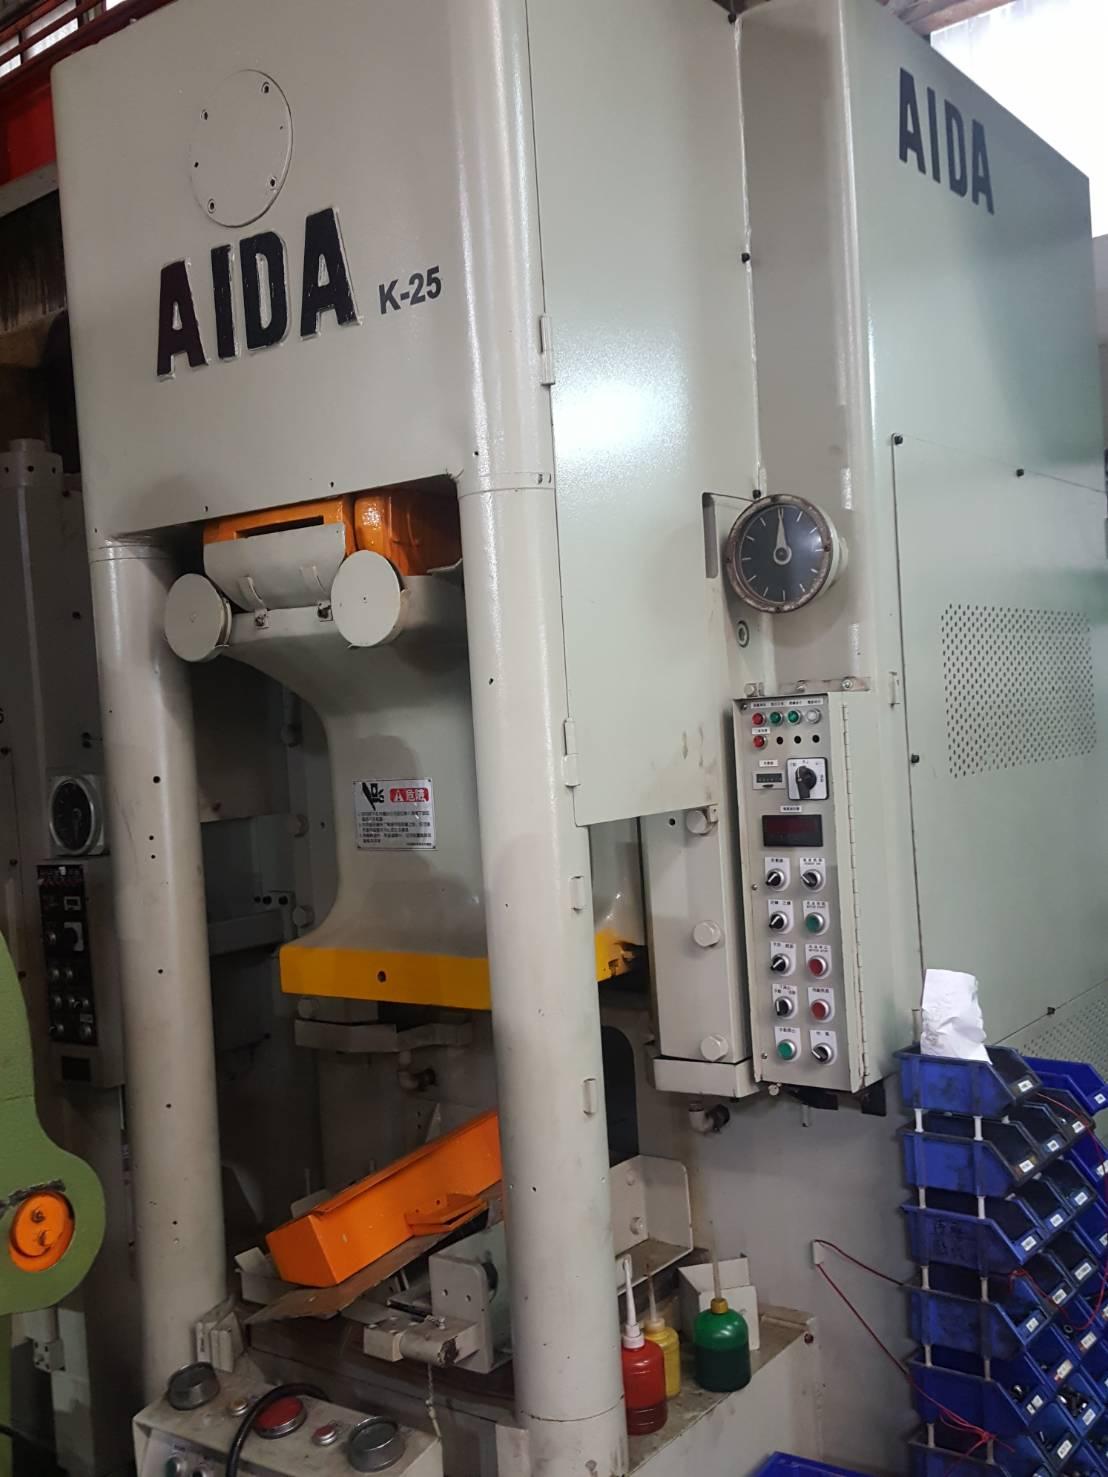 AIDA250冷鍛肘節沖床-中古沖床買賣